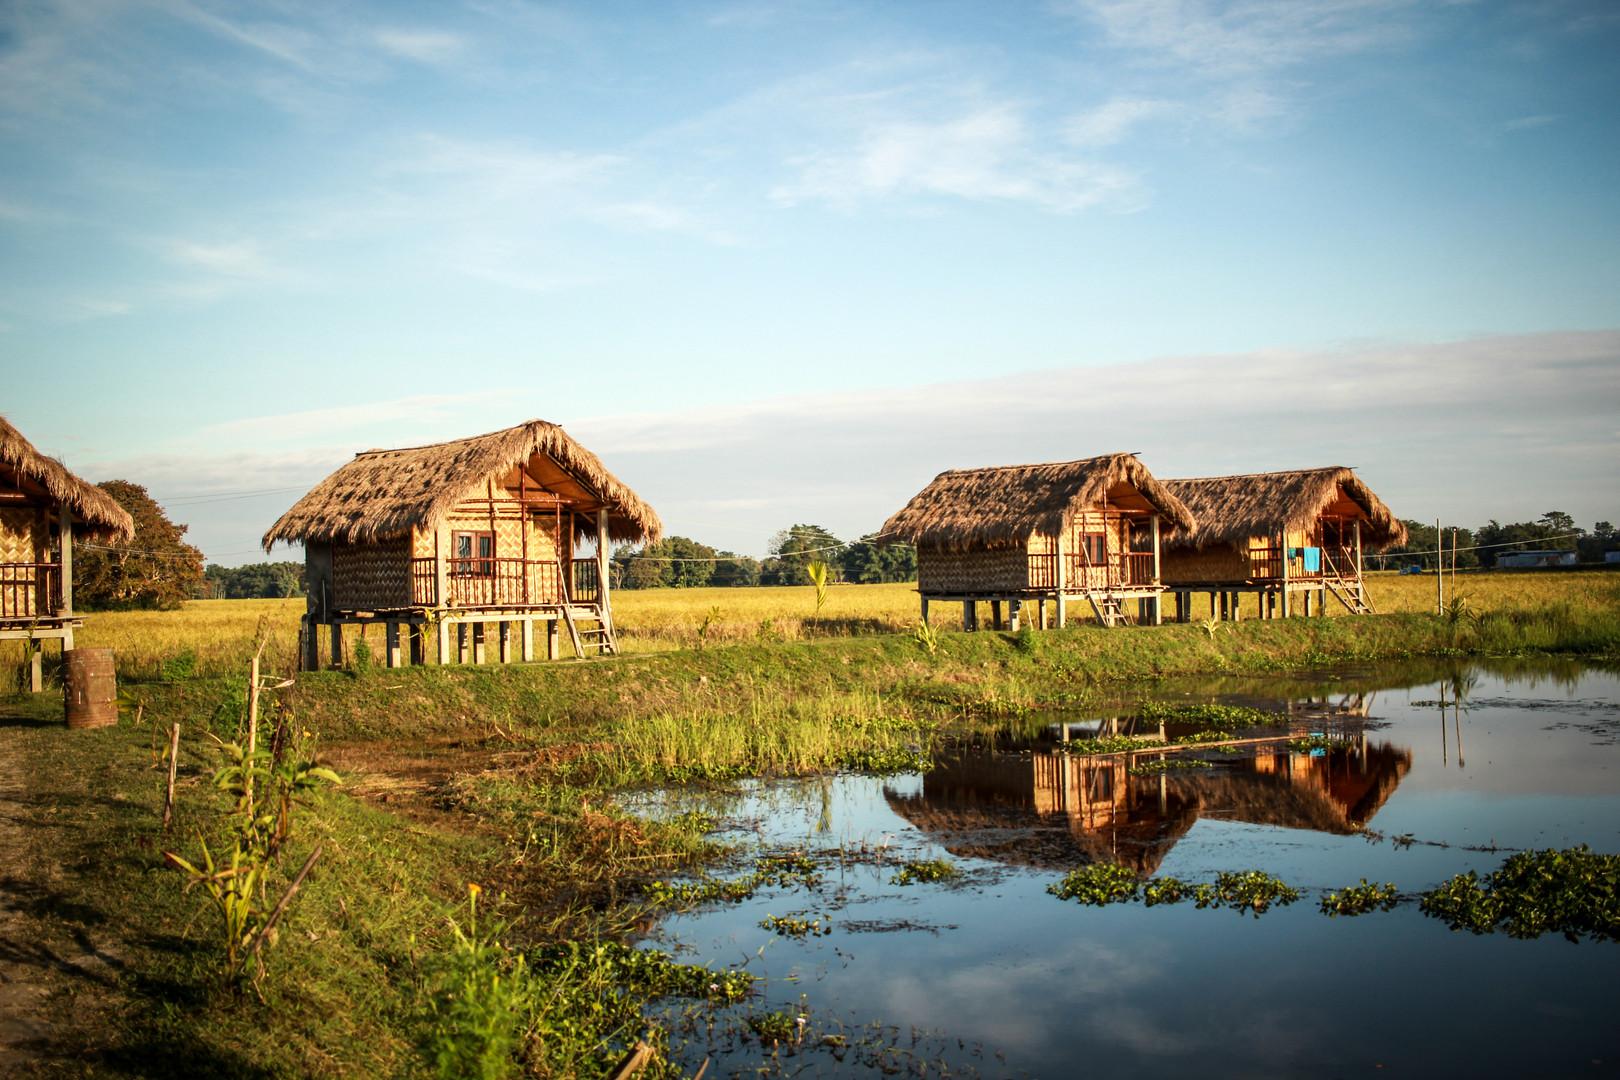 Bamboo | Assam, 2017